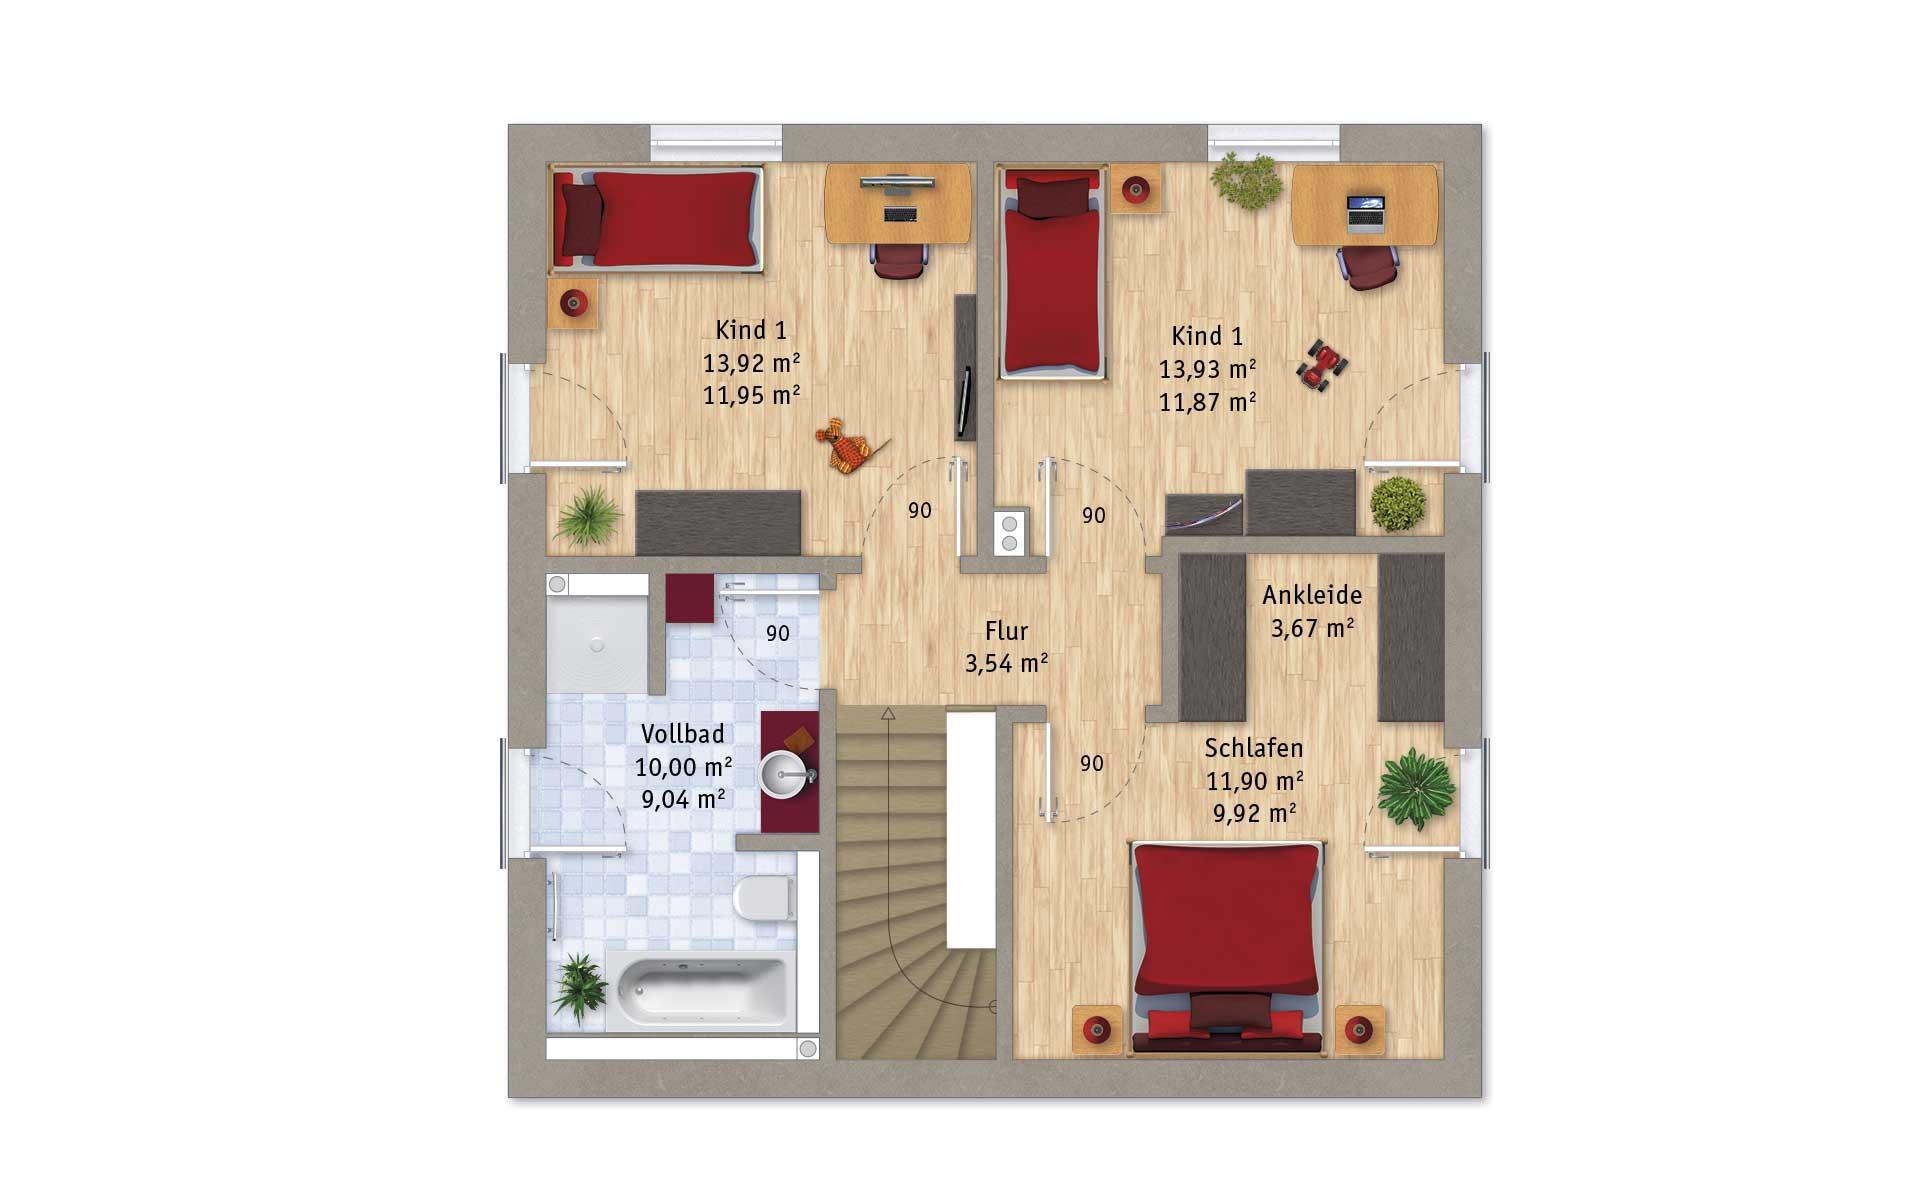 Dachgeschoss VarioFamily 128 von VarioSelf Lizenzgesellschaft mbH